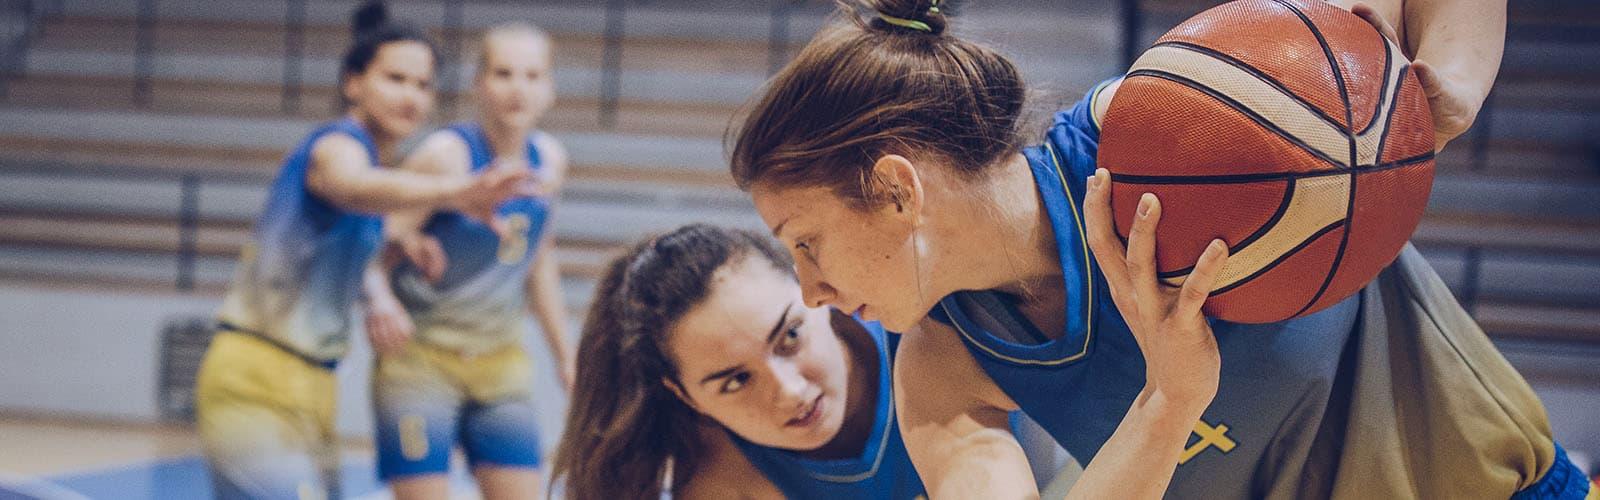 bảo hiểm y tế cho thể thao